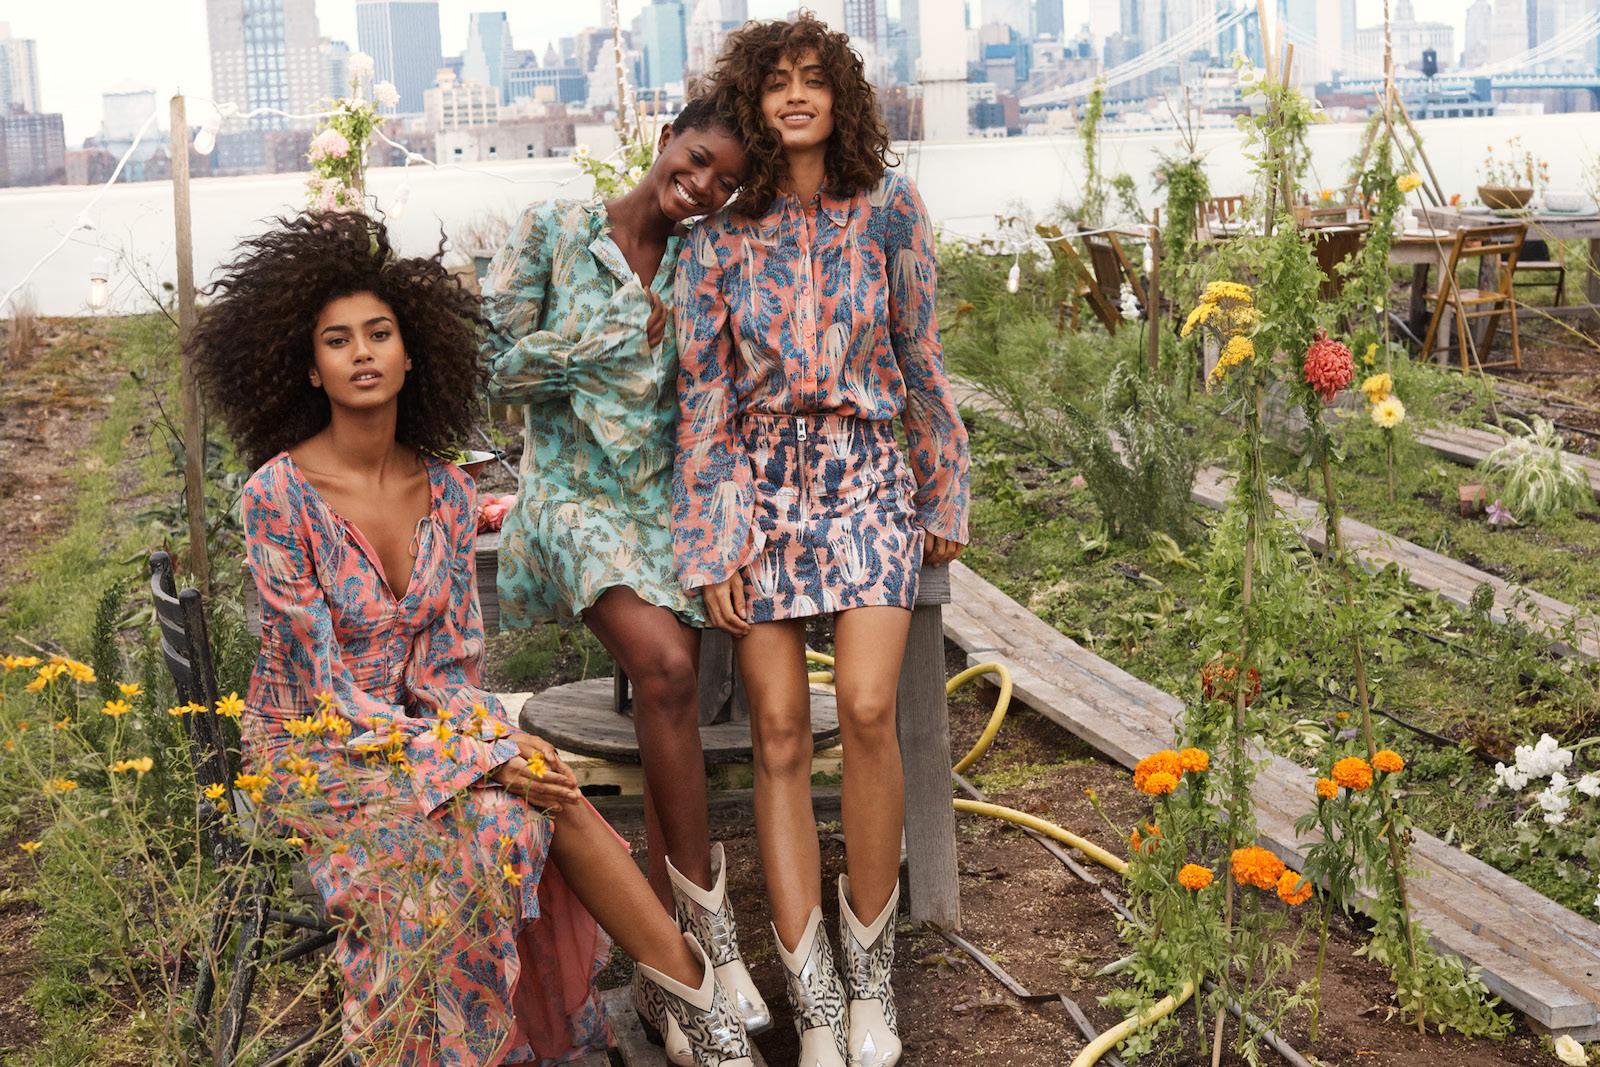 Značka H&M představila kolekci oblečení vyrobeného z listů ananasu a pomerančové kůry